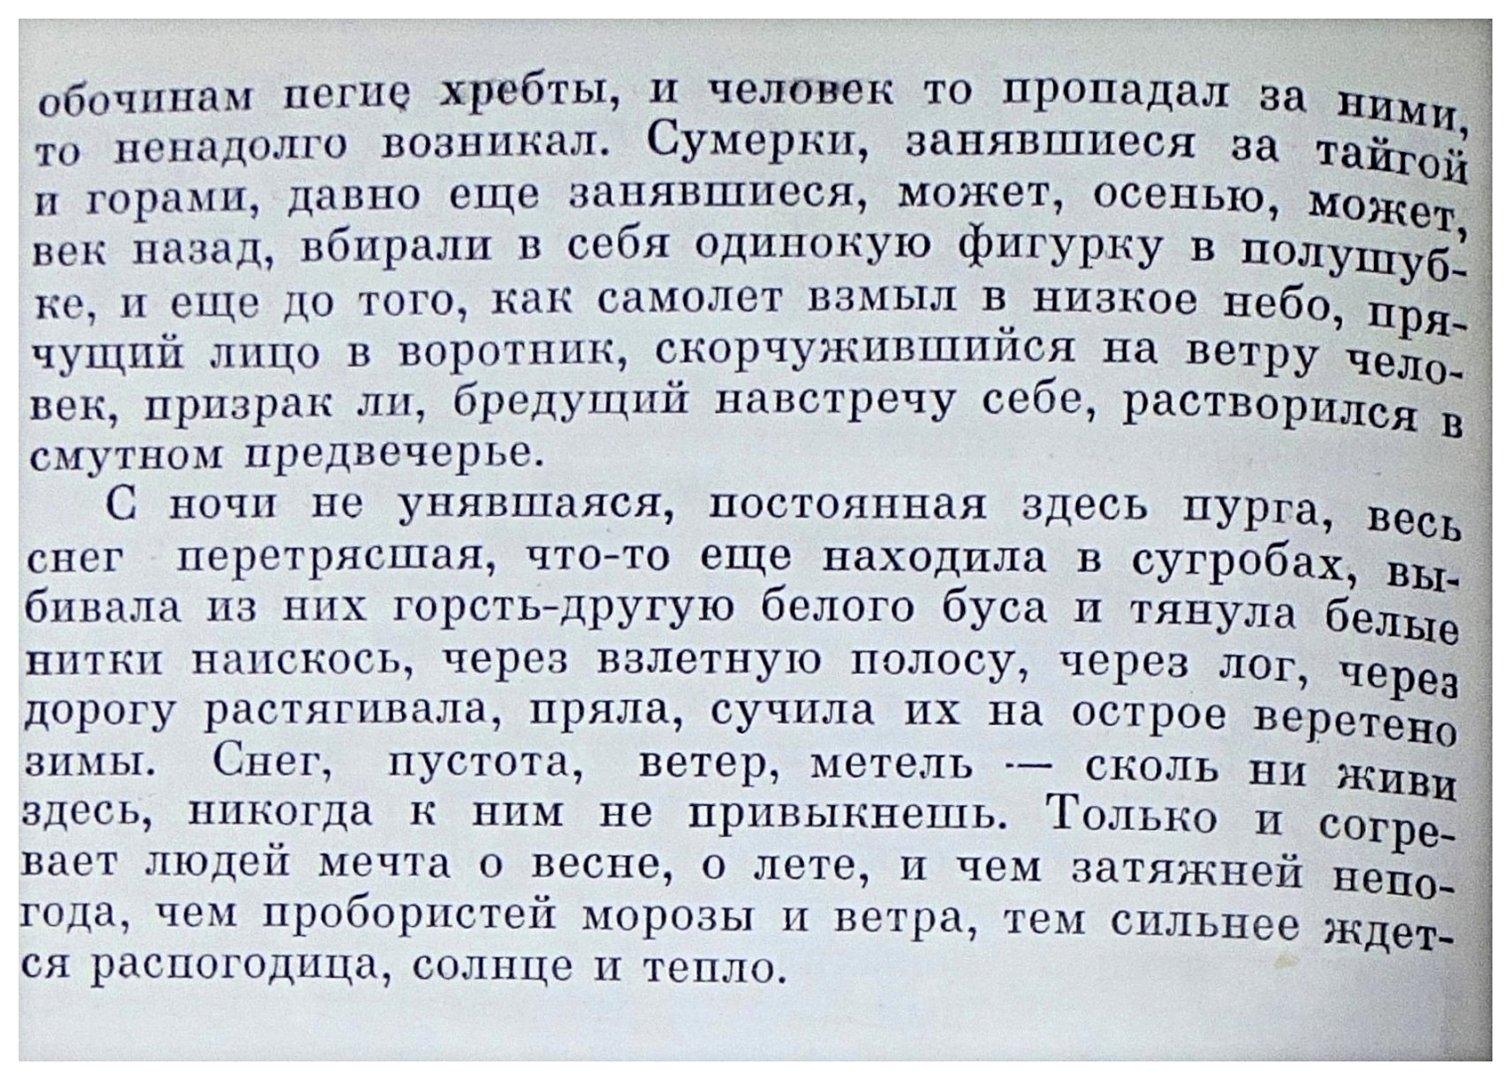 Виктор Астафьев, из книги Царь-рыба, иллюстрации, фото 008